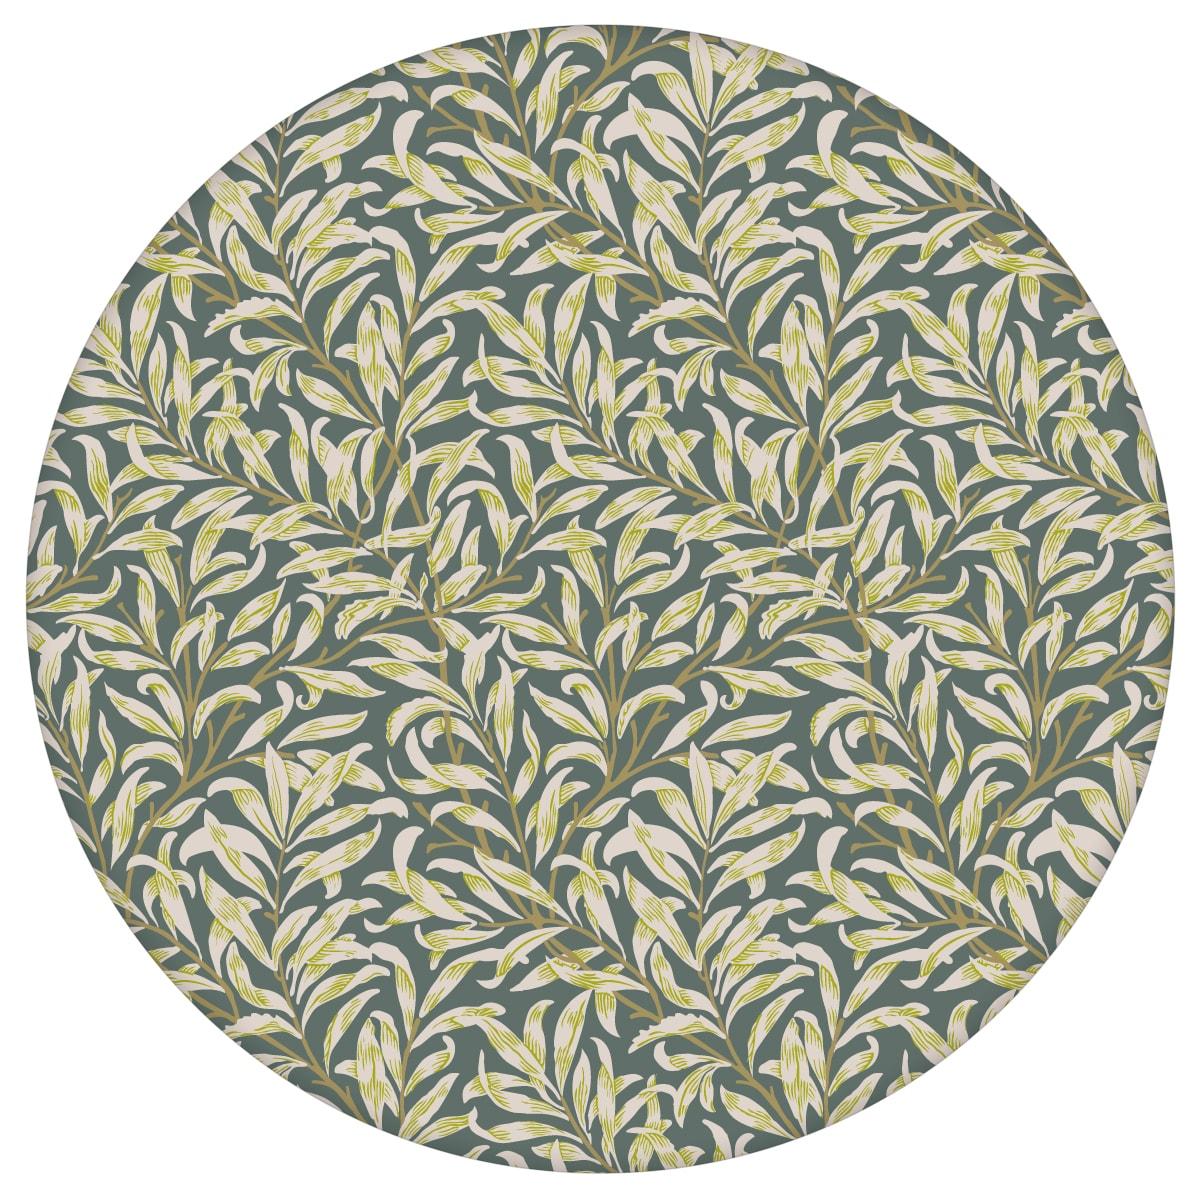 """William Morris Jugendstil Tapete """"Wilde Weiden"""", dunkel grüne Vlies Tapete Natur, Wandgestaltung für Schlafzimmeraus dem GMM-BERLIN.com Sortiment: grüne Tapete zur Raumgestaltung: #00173 #blumen #Blumentapete #dunkelgrün #Grüne Tapete #Jugendstil #Natur #Retro #schlafzimmer #vintage #Weide #WilliamMorris für individuelles Interiordesign"""